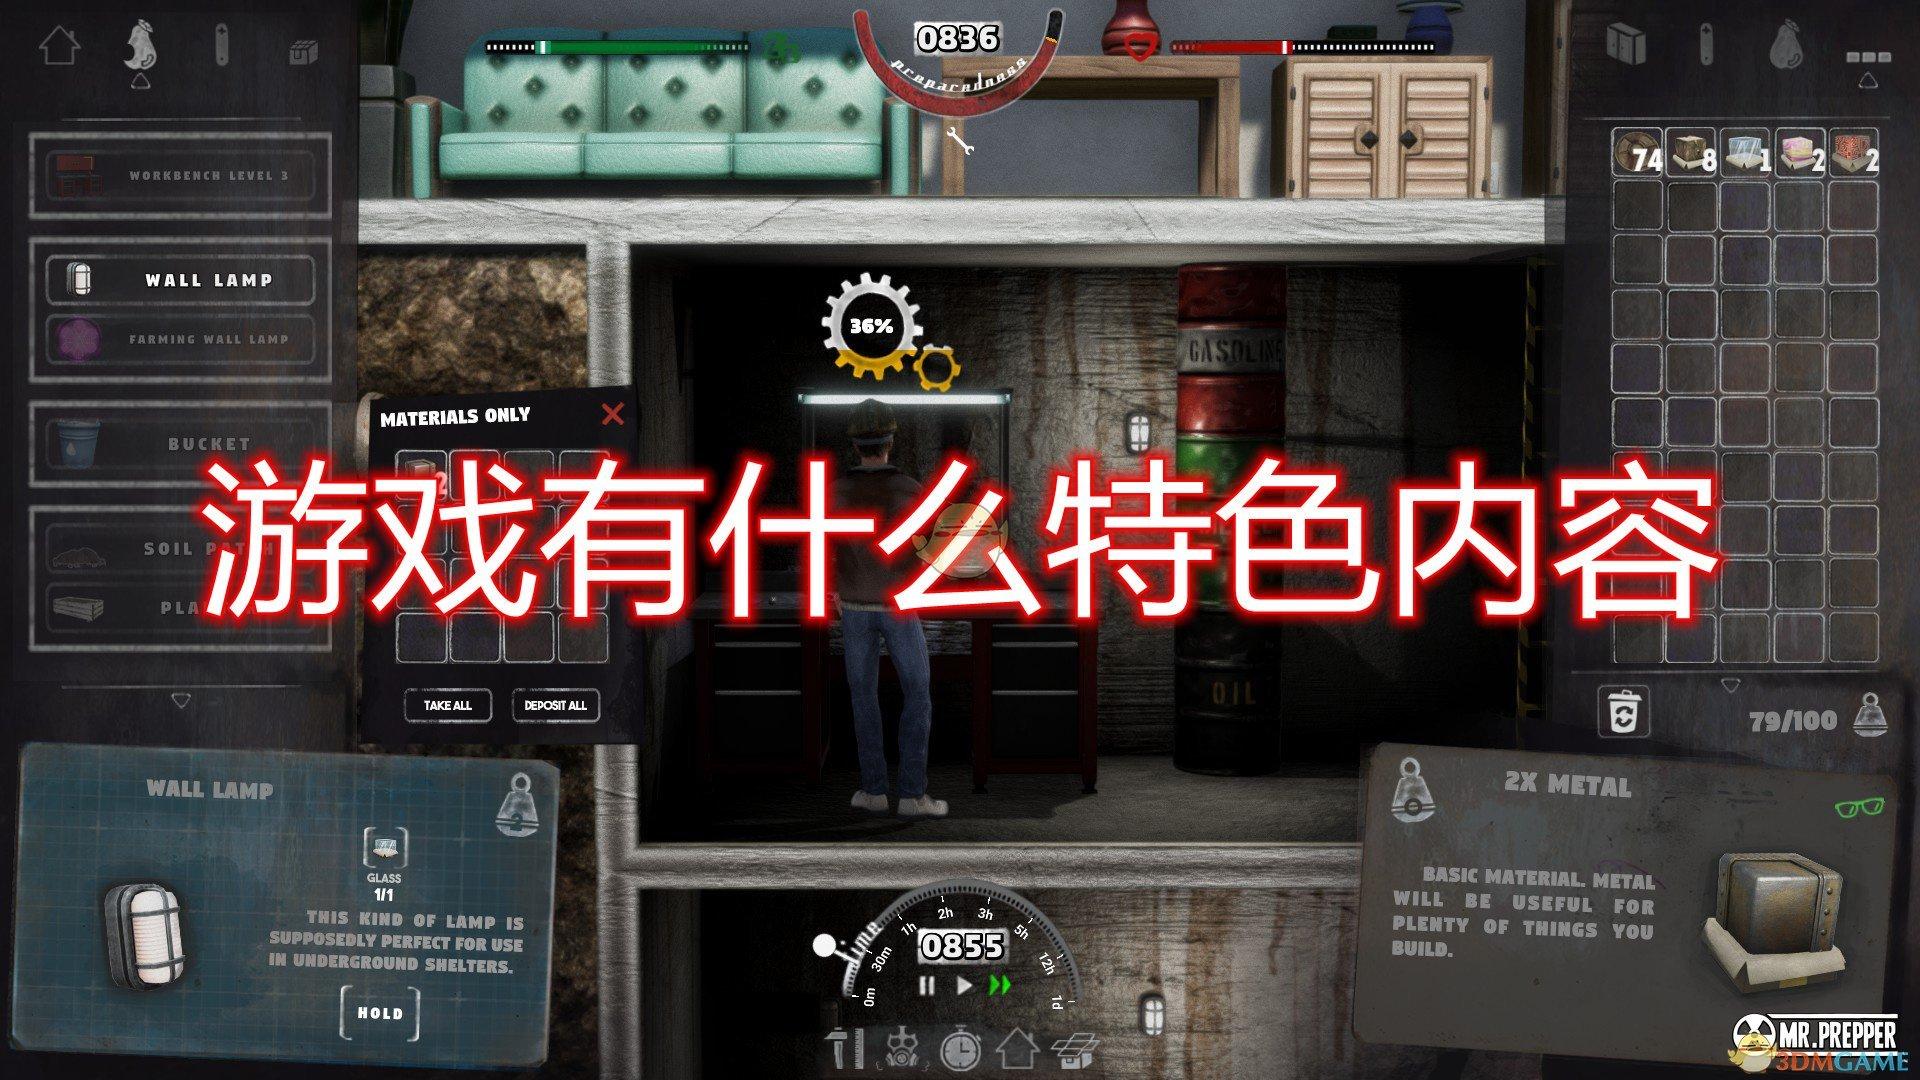 《末日准备狂》游戏特色内容介绍